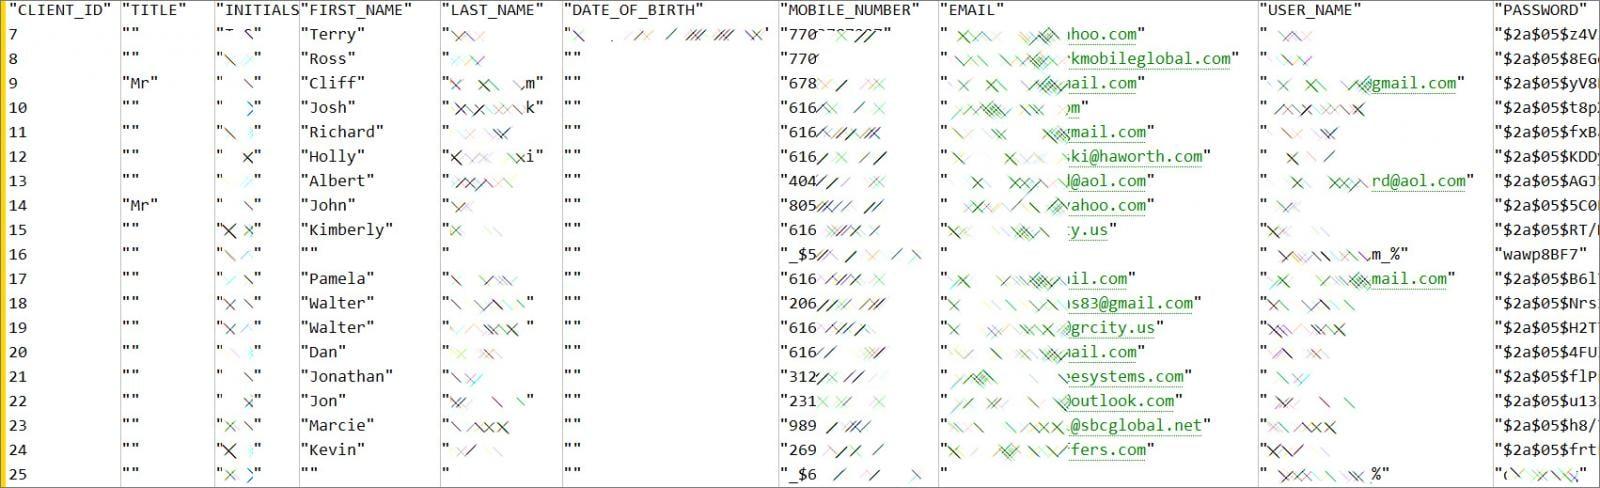 Échantillon fortement expurgé de données ParkMobile volées